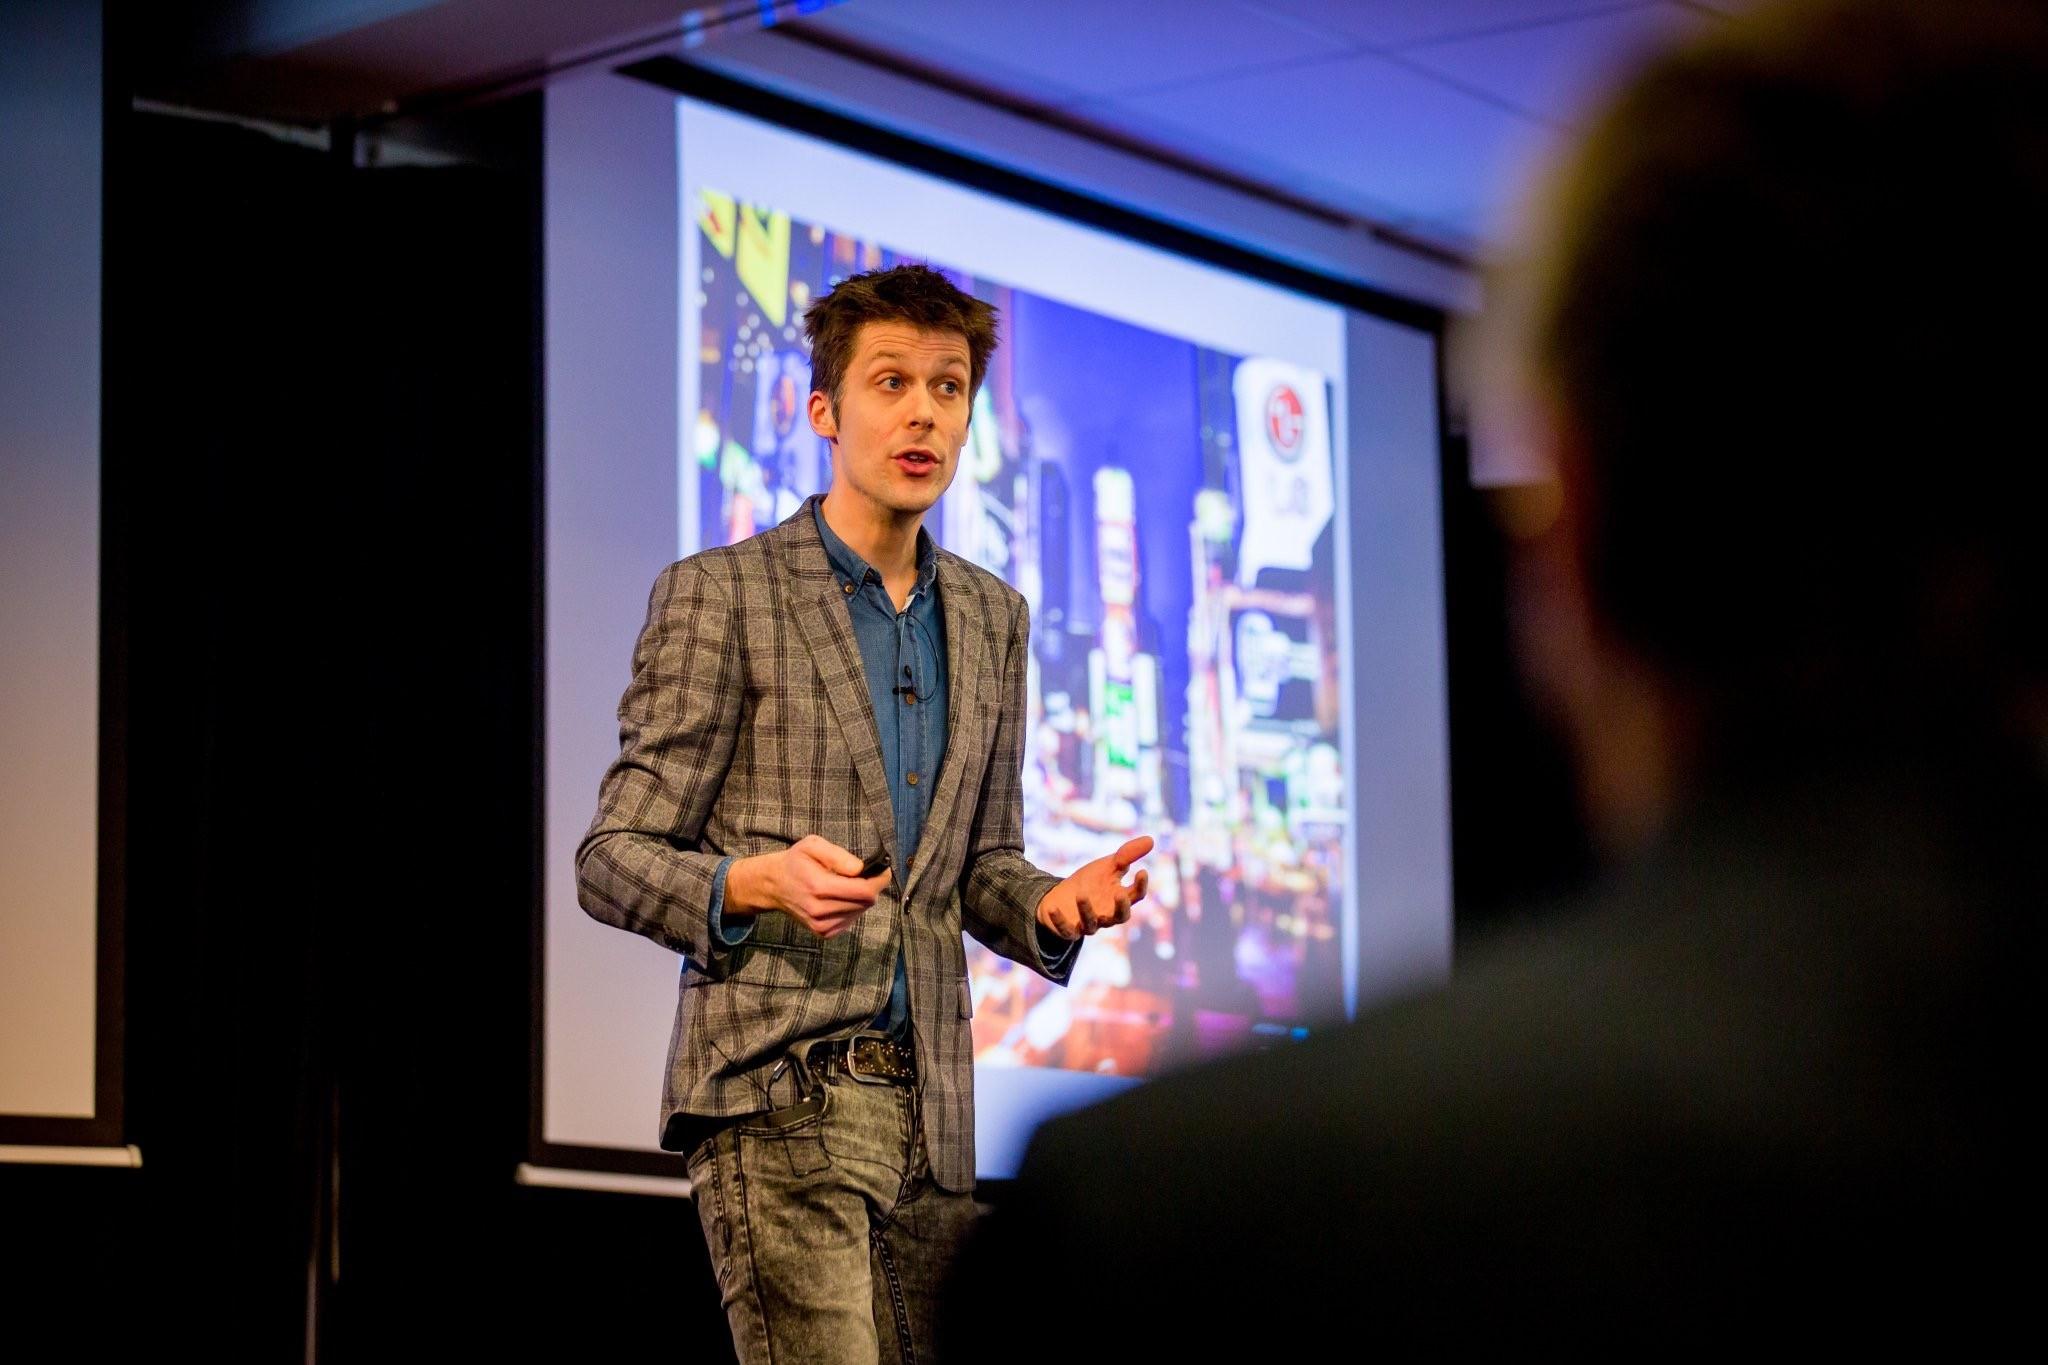 LVVP-congres: Stefan van der Stigchel over aandacht en concentratie